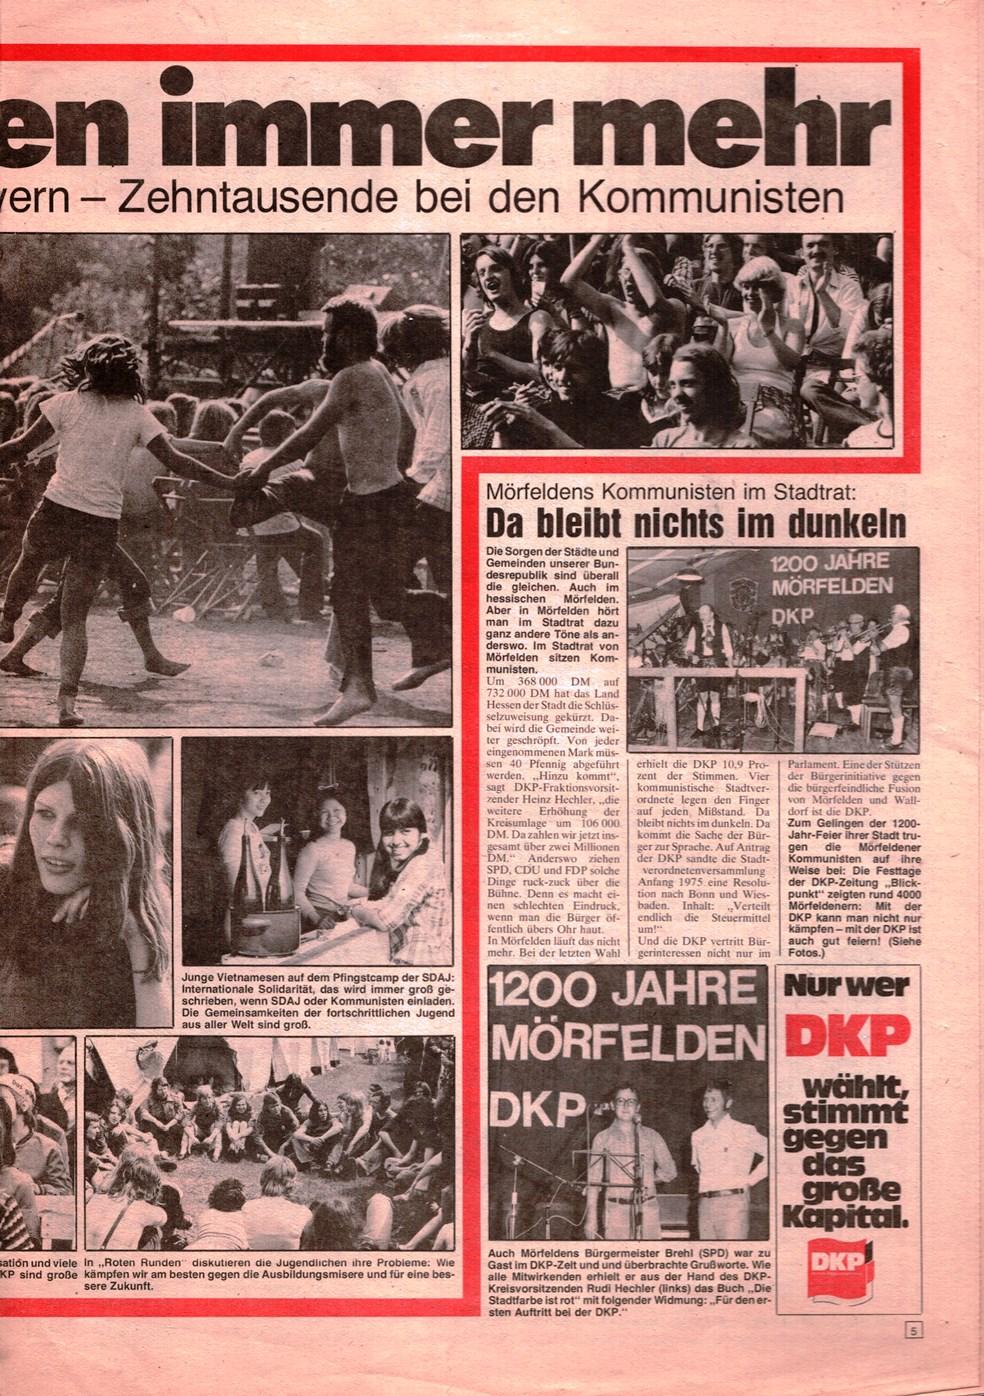 Muenchen_DKP_Neues_Muenchen_19760700_005